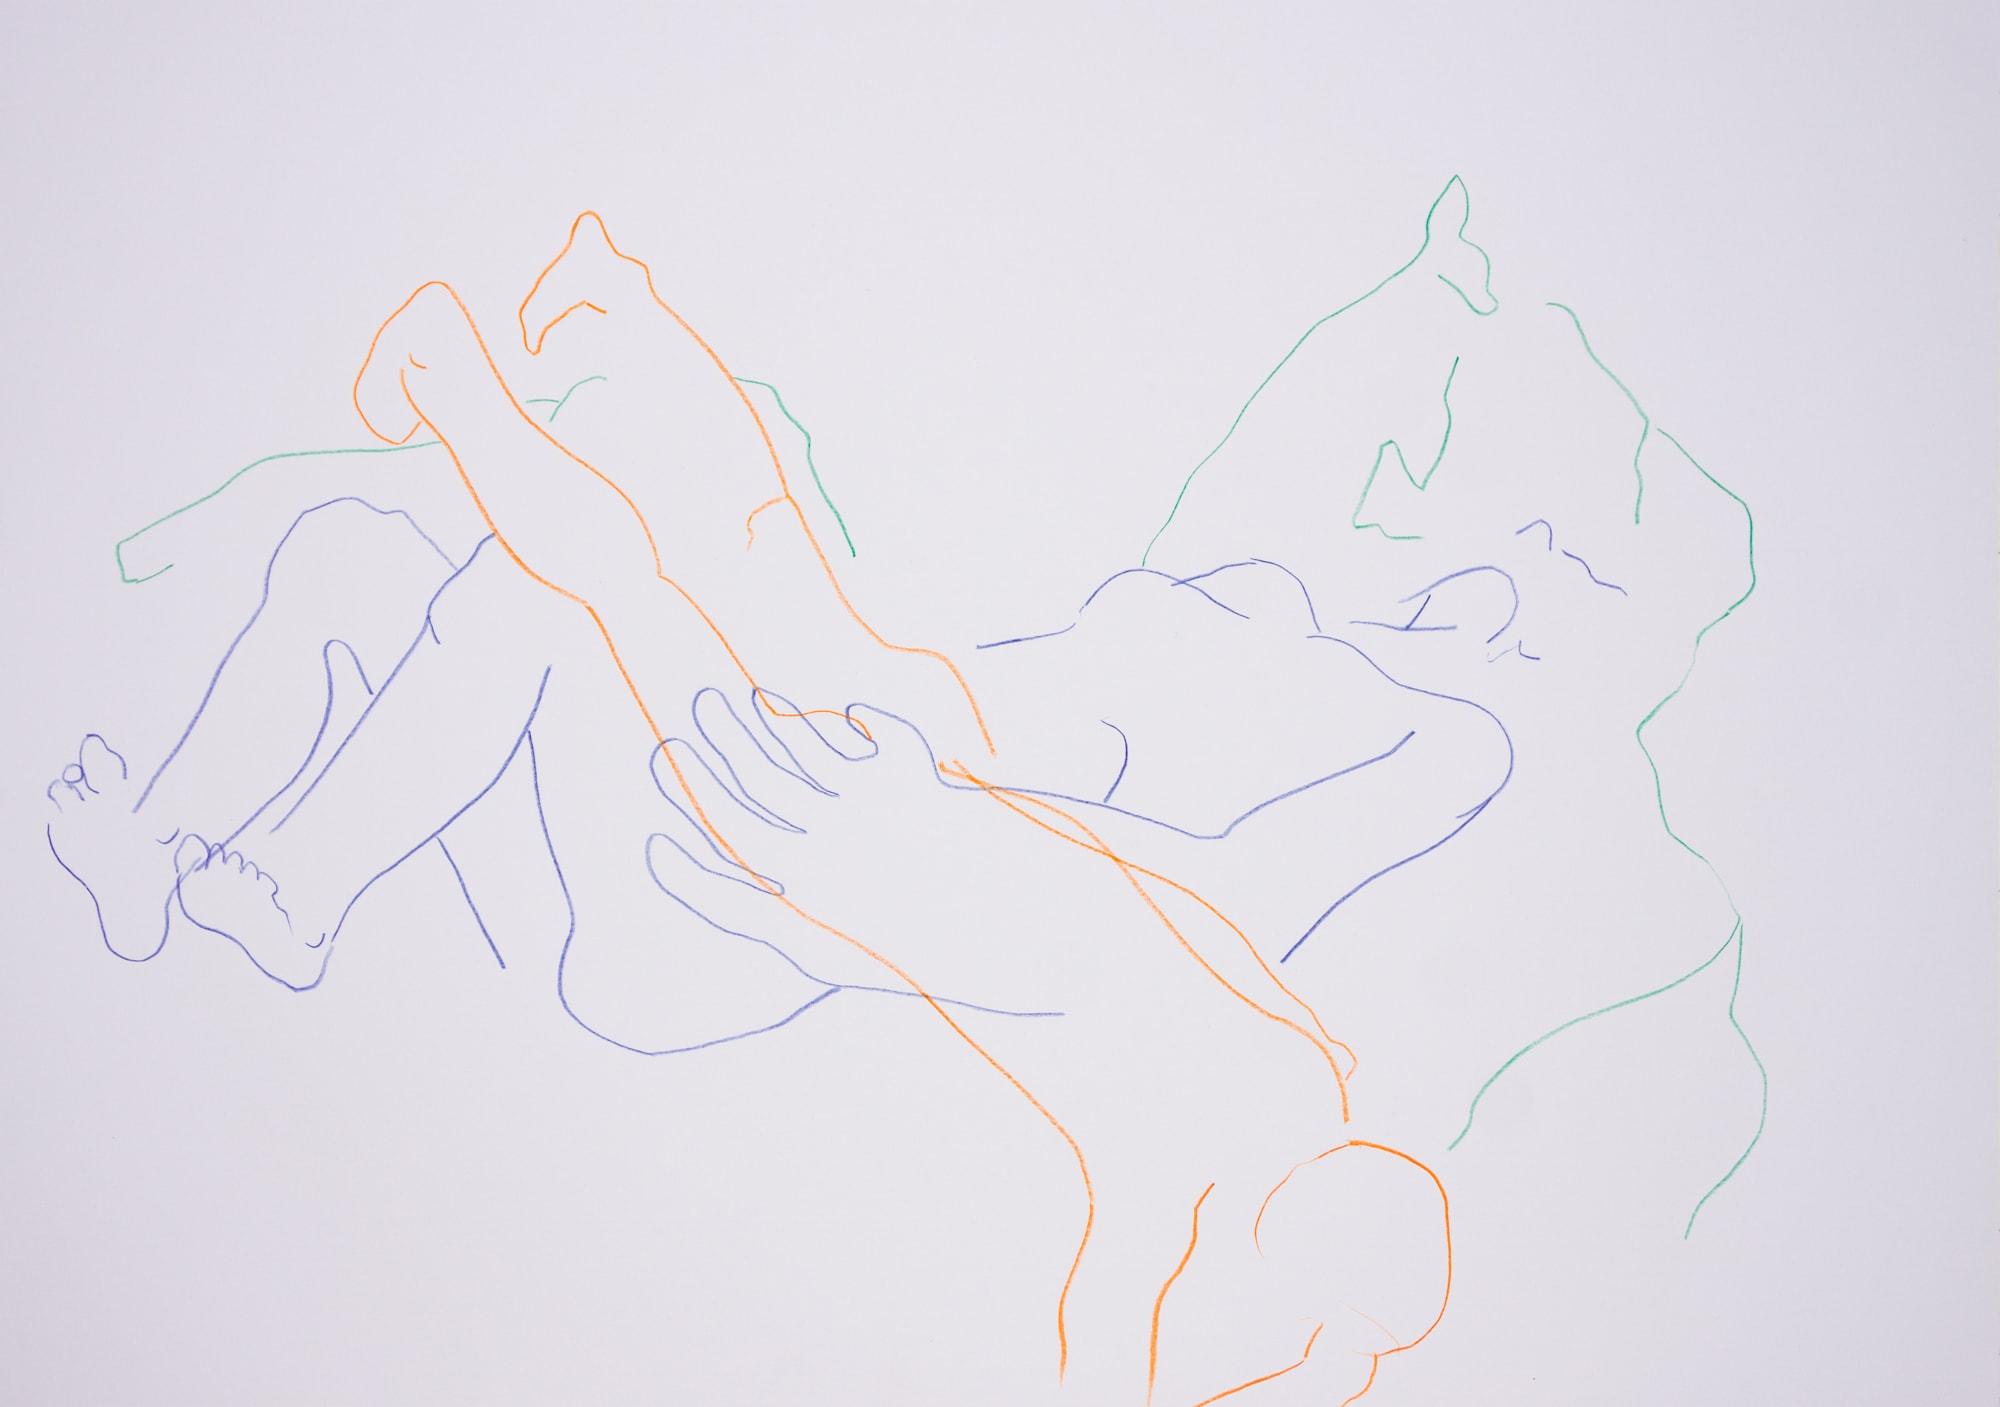 Zeichnung, Farbstift auf Papier, 59,4x42cm,Akt, Künstlerin: Franziska King